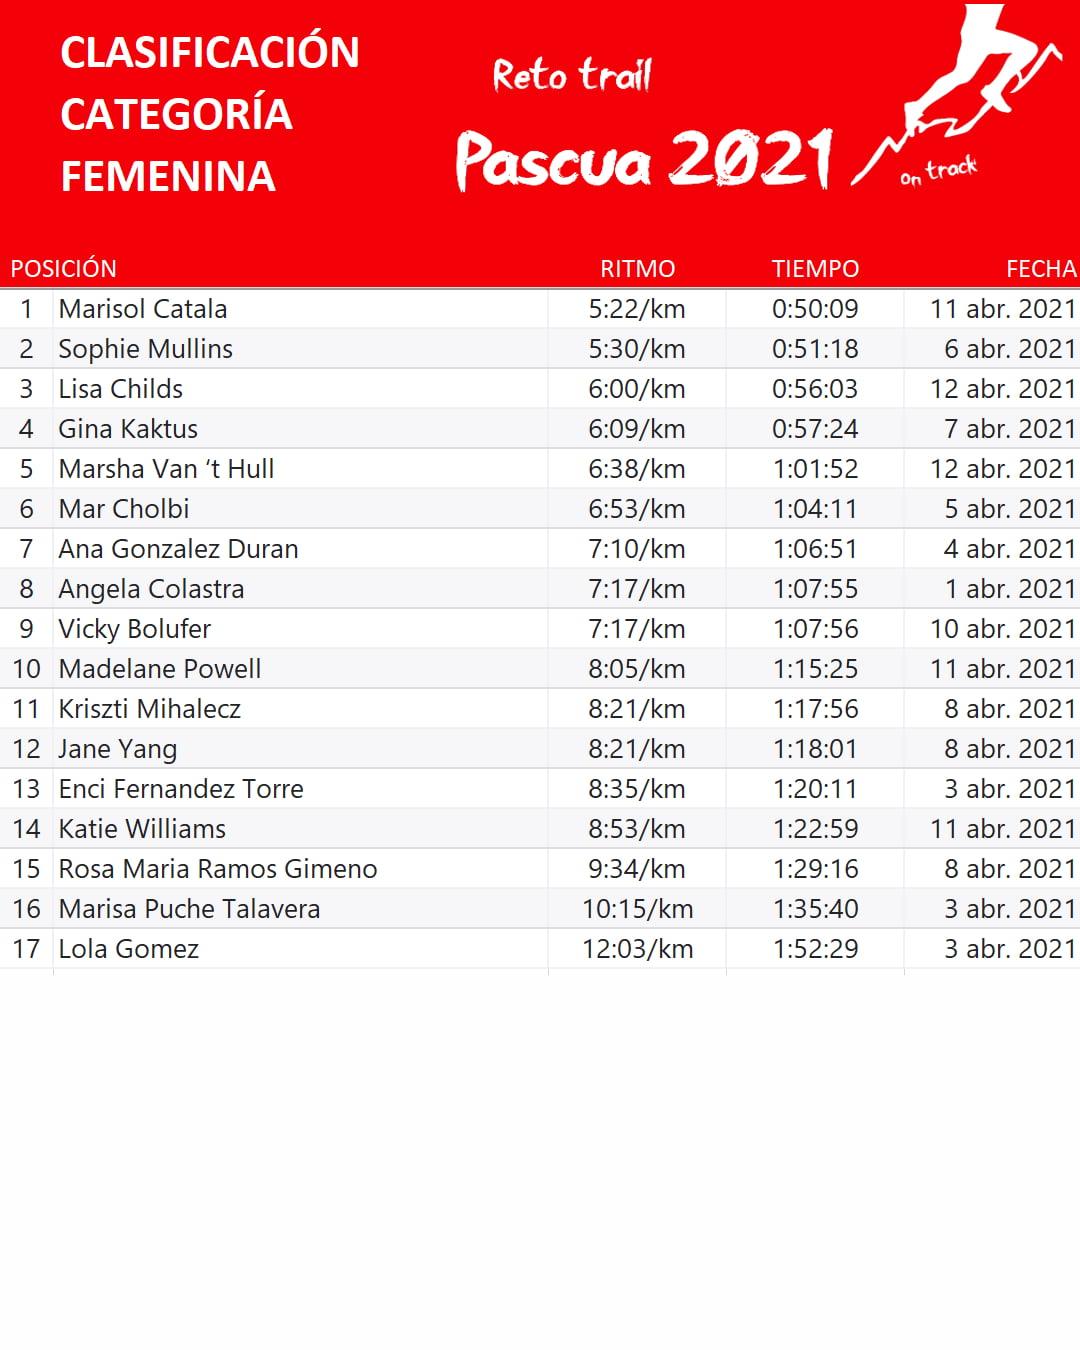 Clasificación femenina Trail Pascua 2021